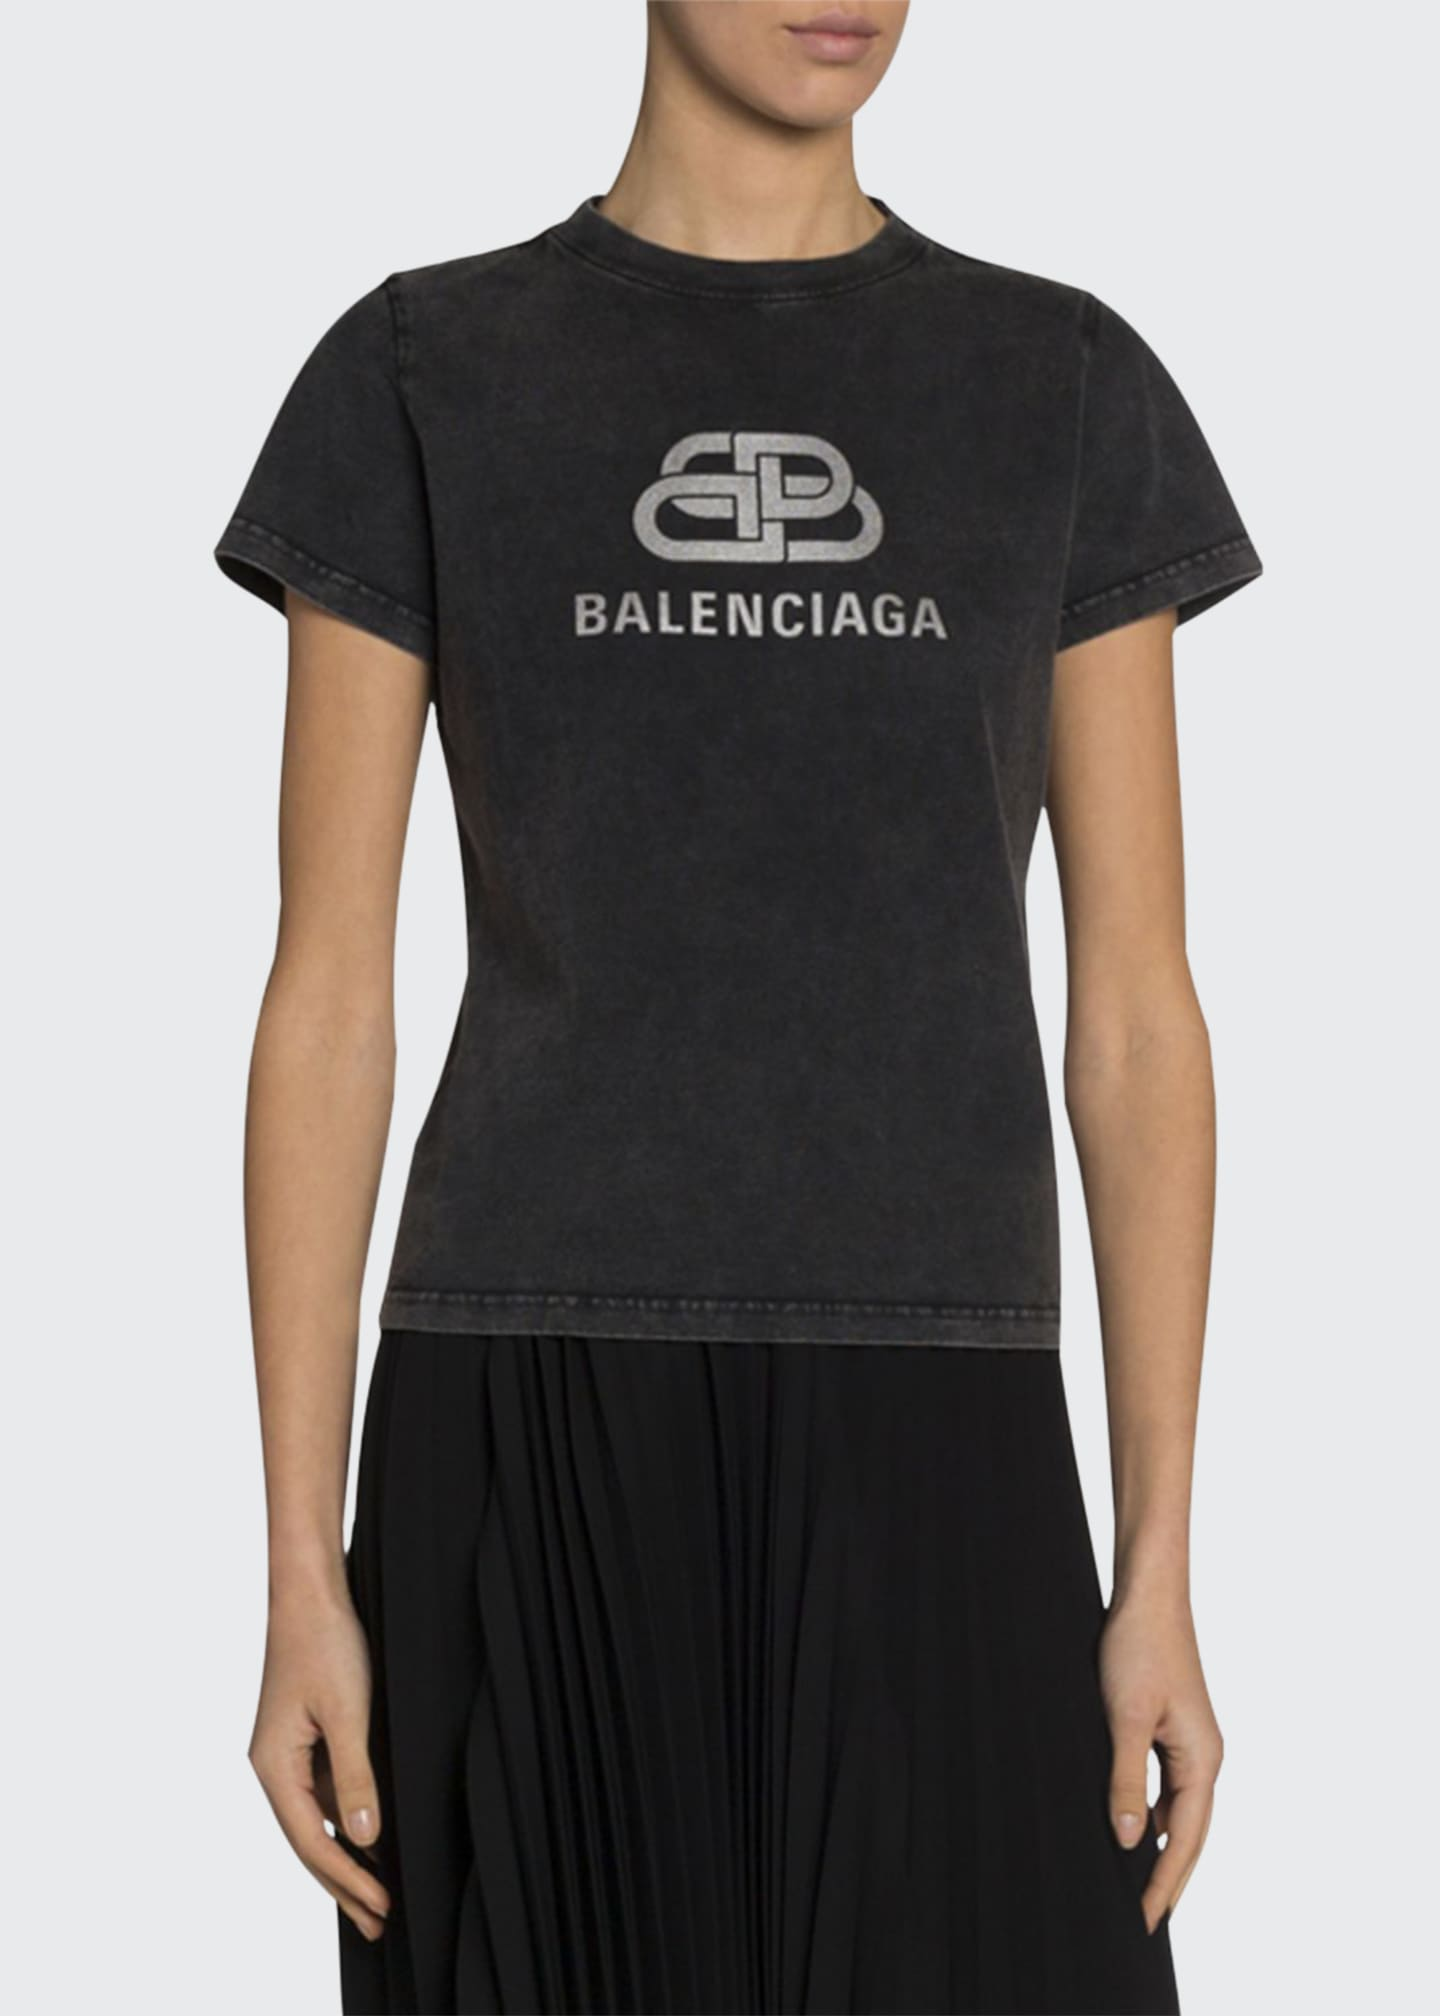 Balenciaga Distressed Silver Logo Tee